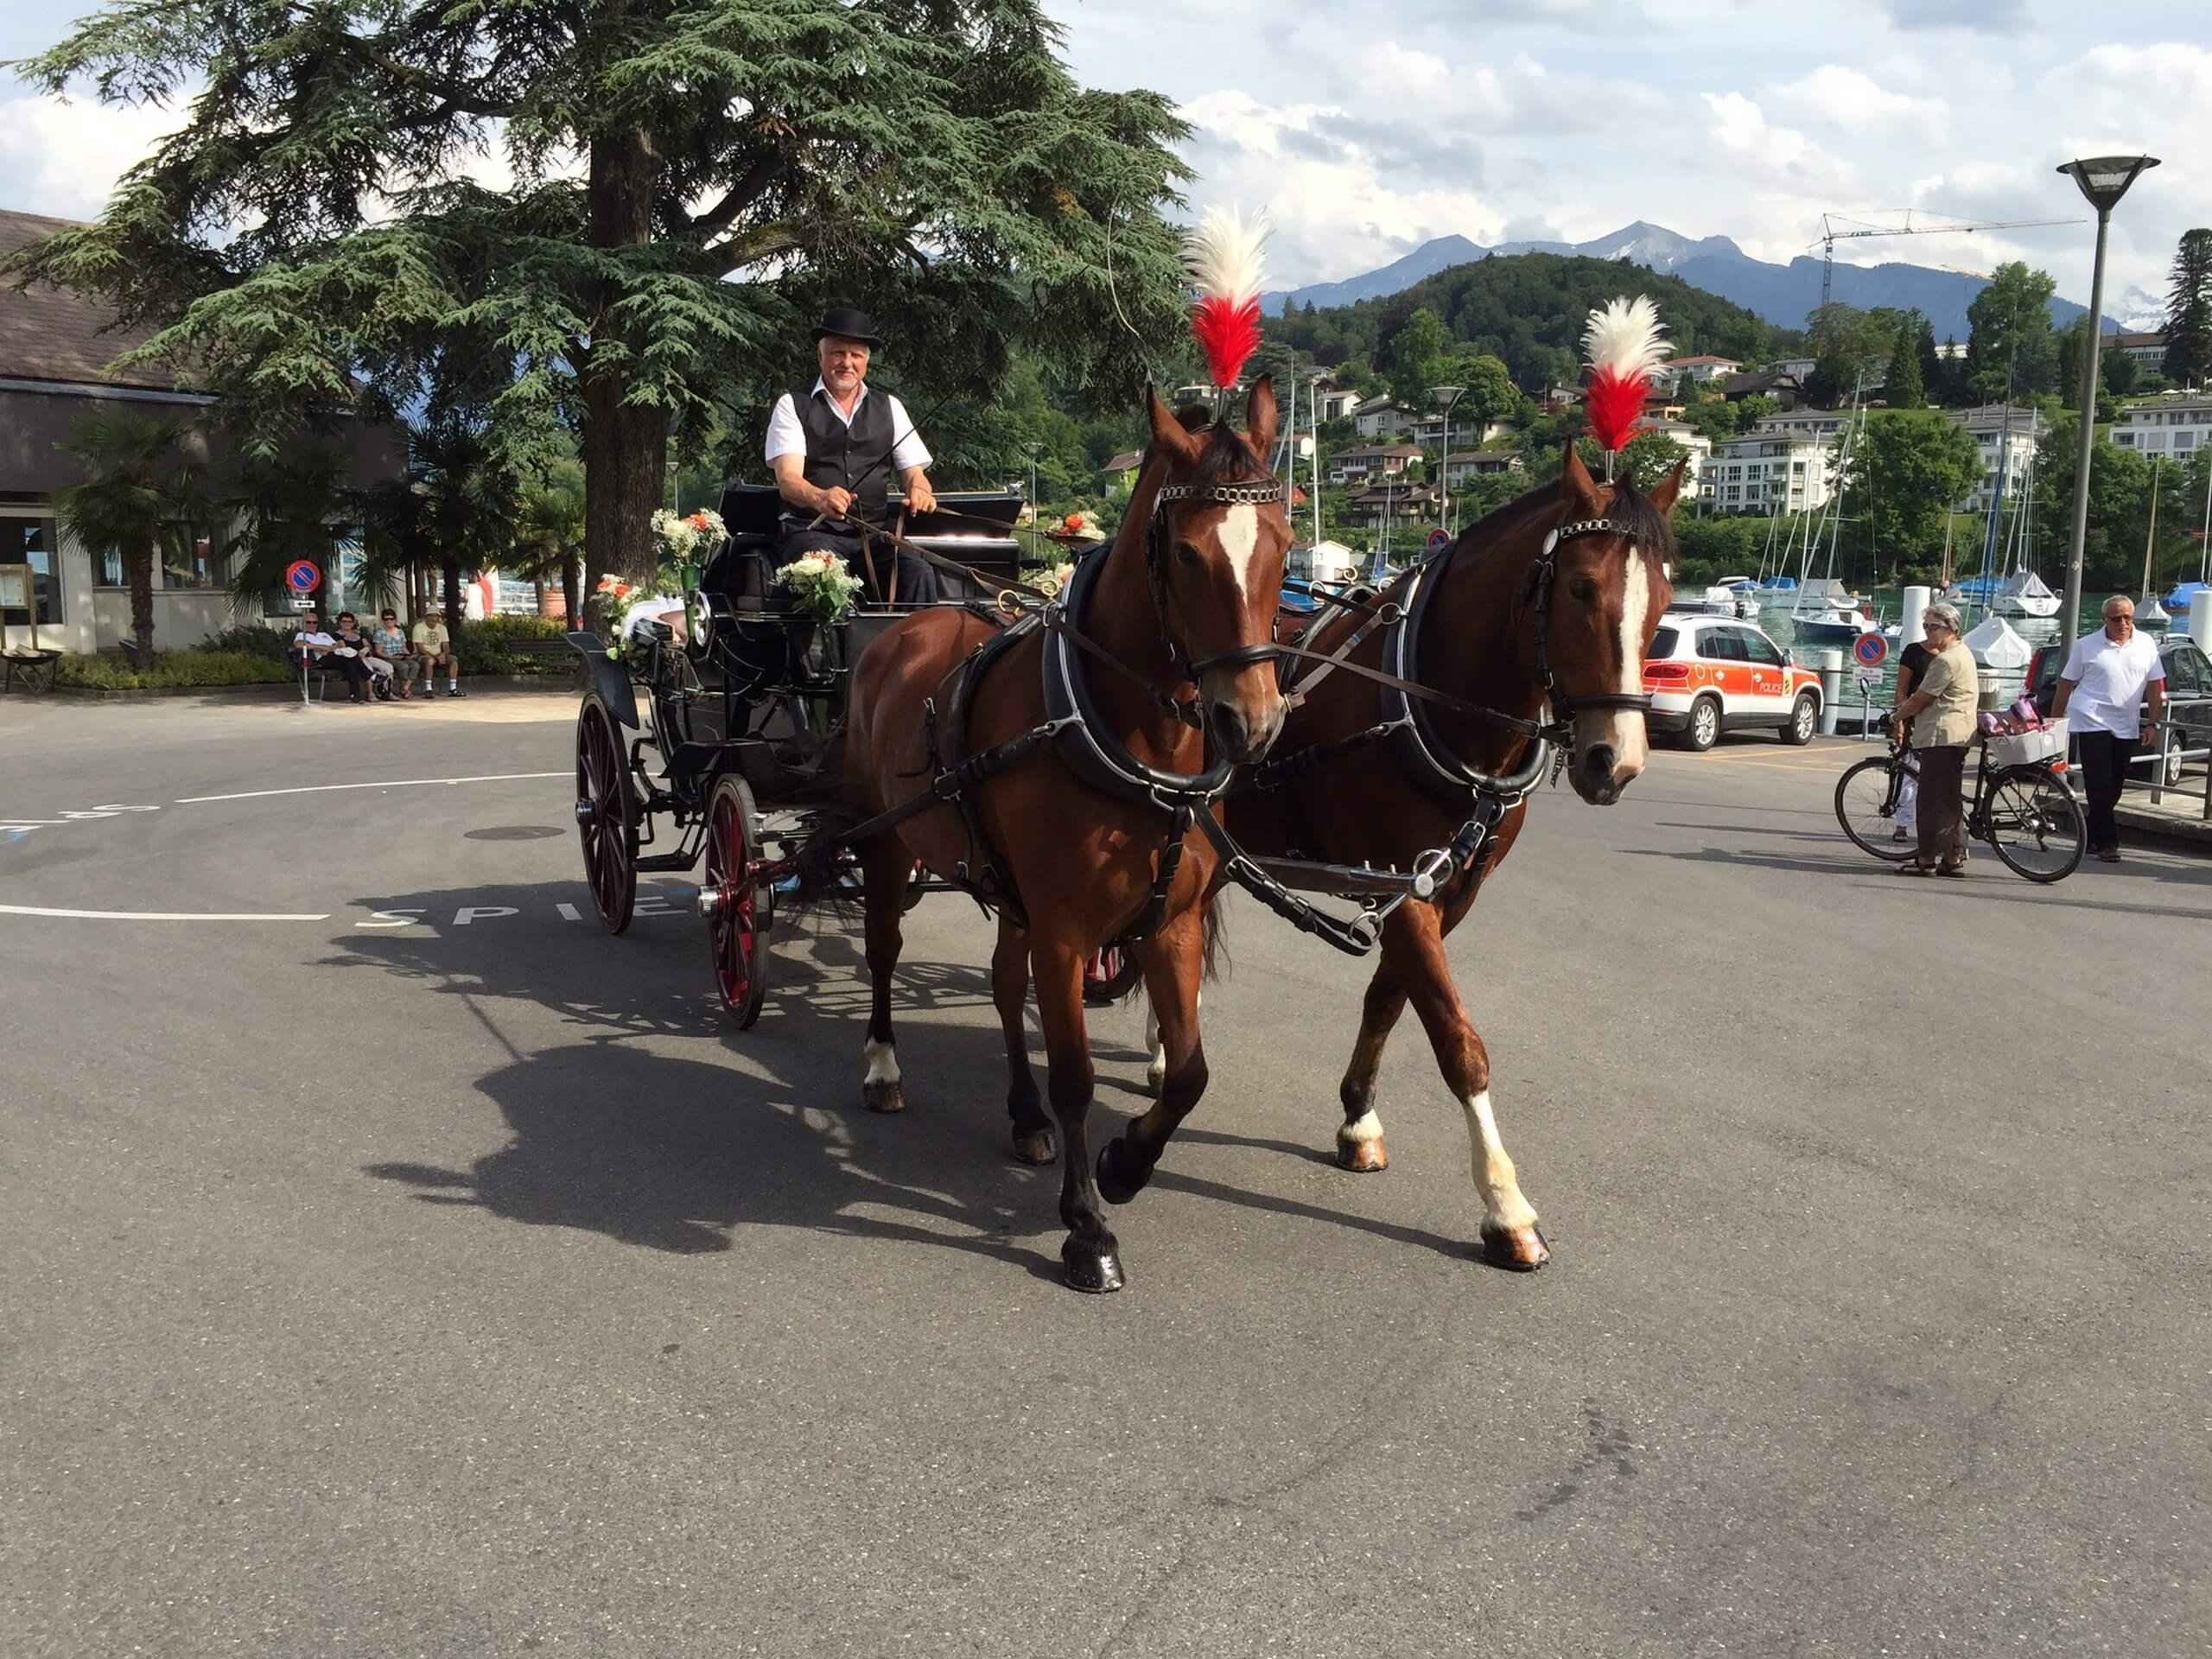 aeschi-kutschenfahrt-dorfrundfahrt-sommer-pferde